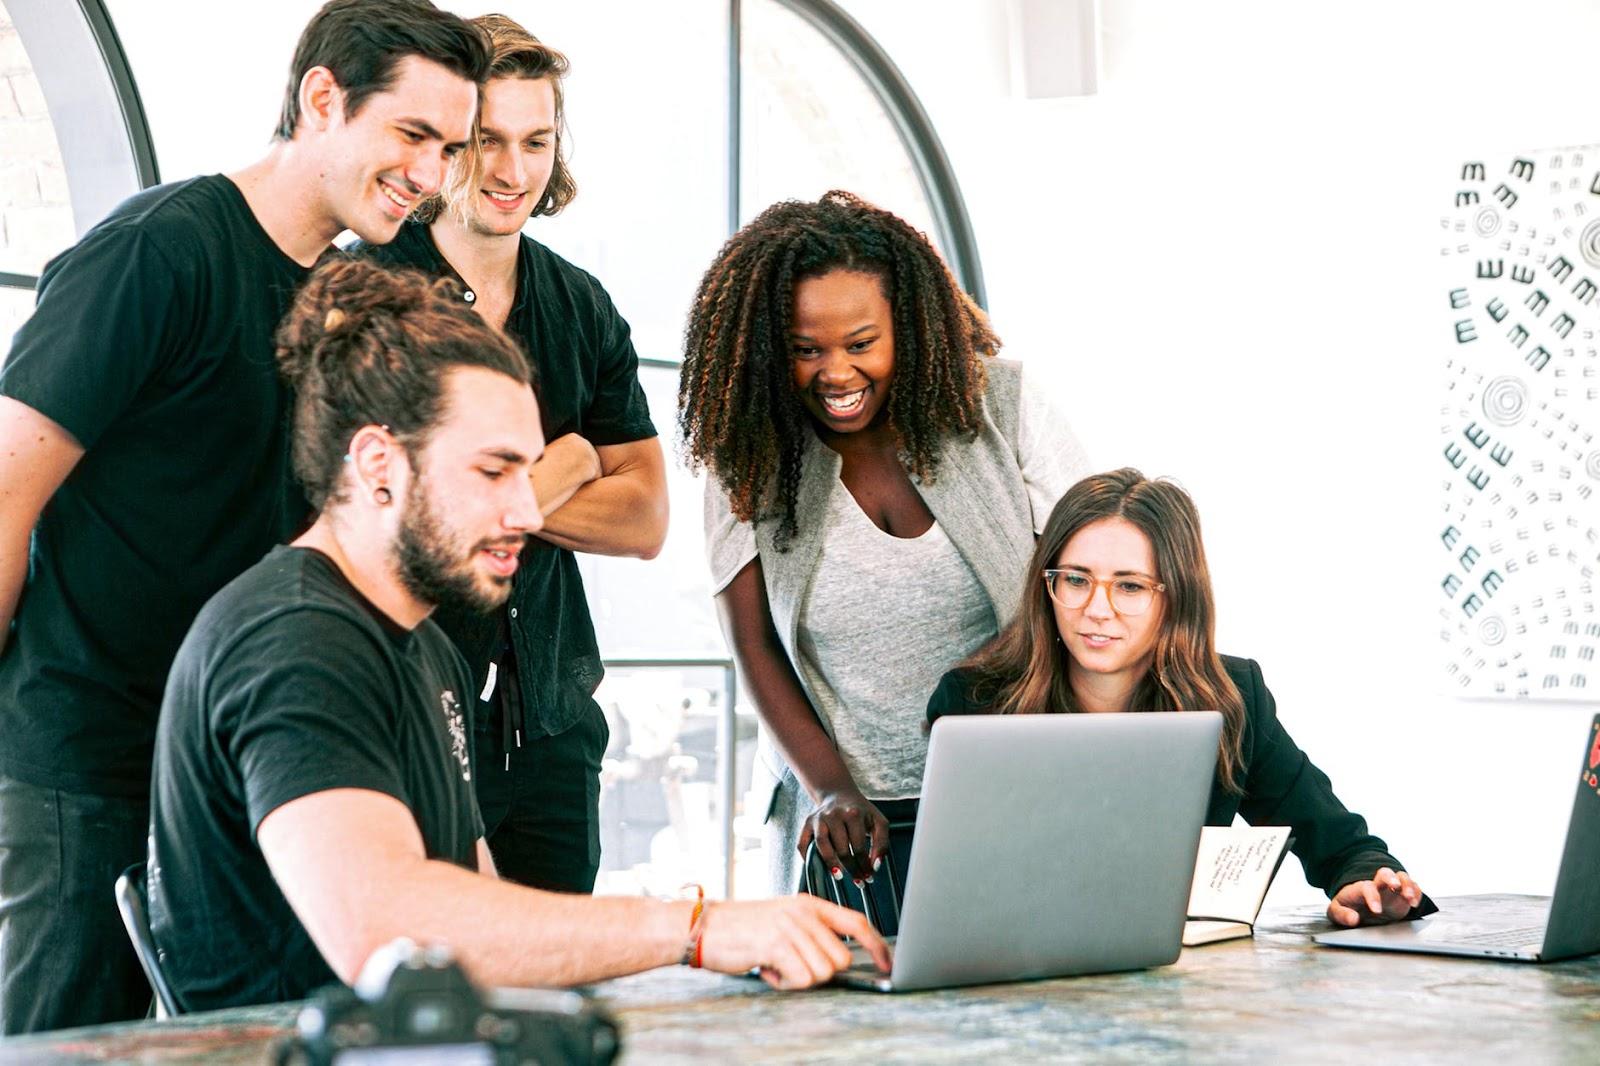 Pessoas em uma reunião com um computador organizando uma possível confraternização empresarial